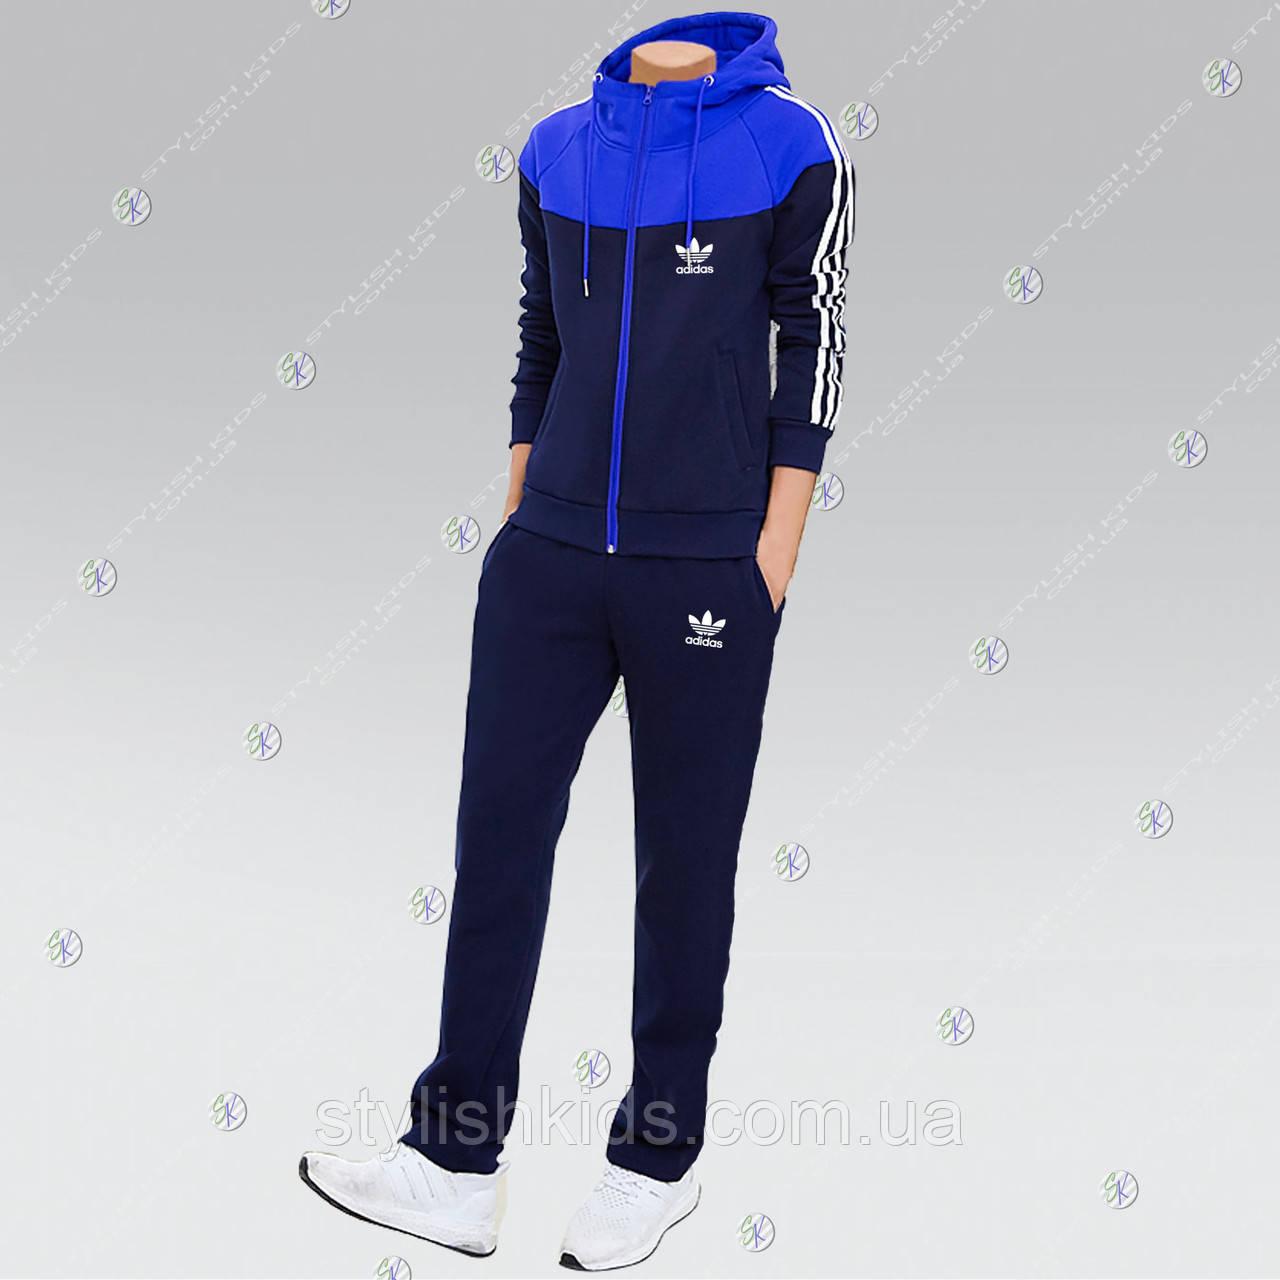 b39ba7426071a6 Купить спортивный костюм для подростка.Спортивный костюм для подростка в интернет  магазине.